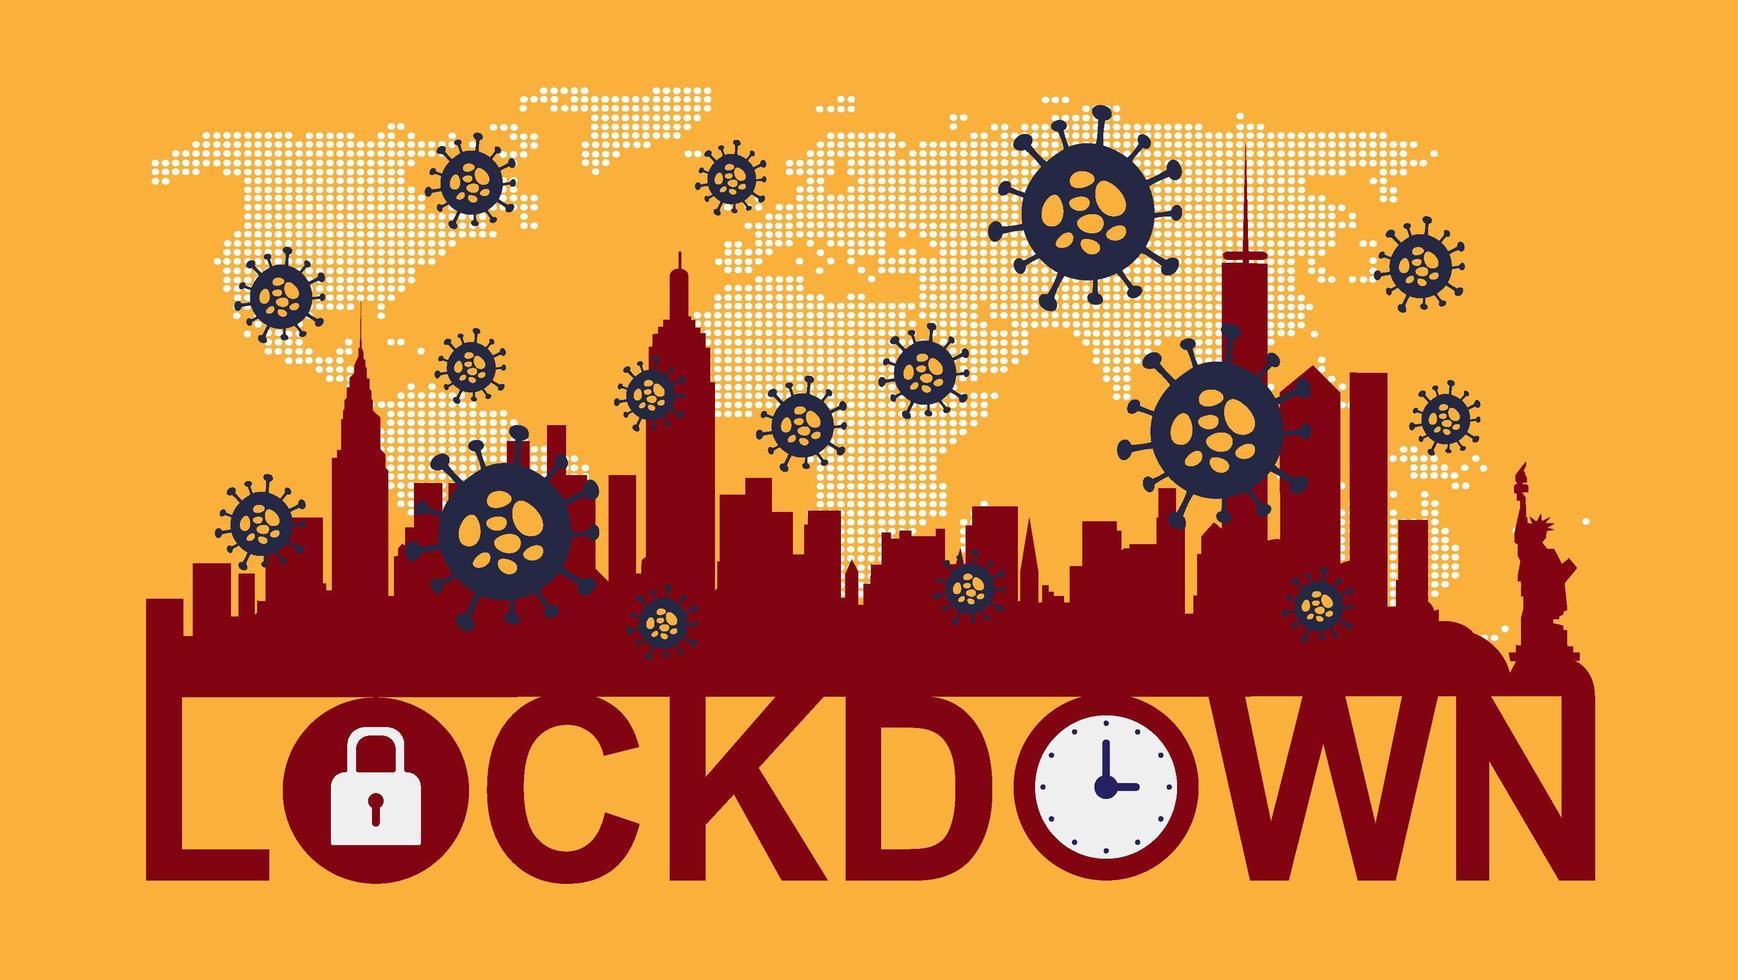 poster van stad silhouet met lockdown tekst - Download Free Vectors, Vector  Bestanden, Ontwerpen Templates